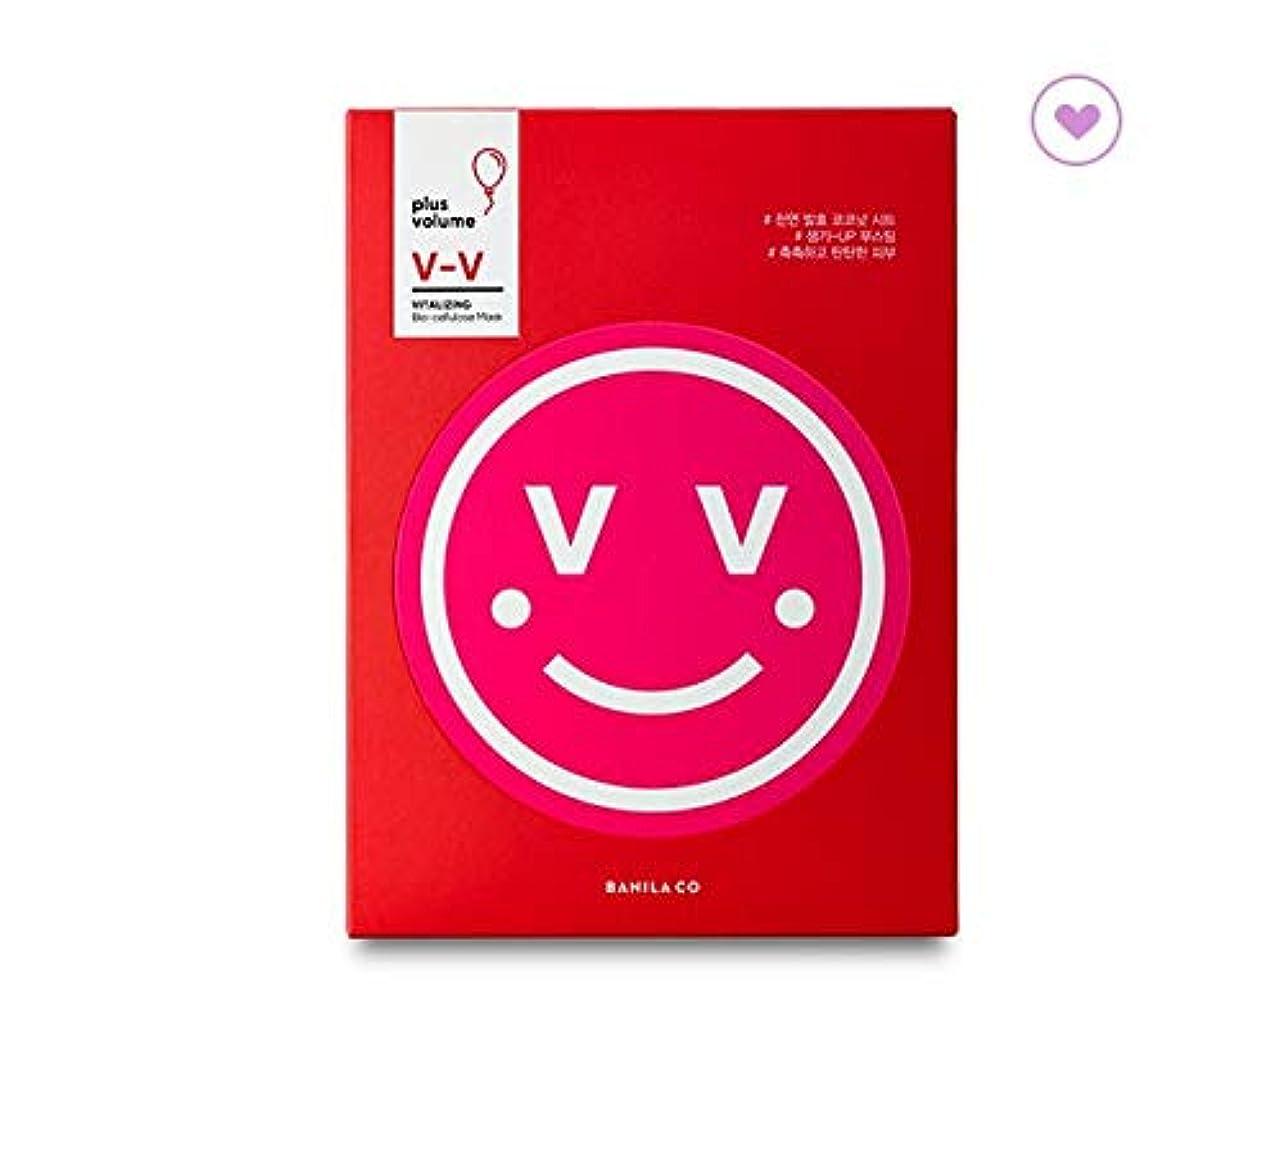 アクティブ繰り返した一生banilaco V-V Vitalizing Bioセルロースマスク/V-V Vitalizing Bio Cellulose Mask 25ml*5 [並行輸入品]